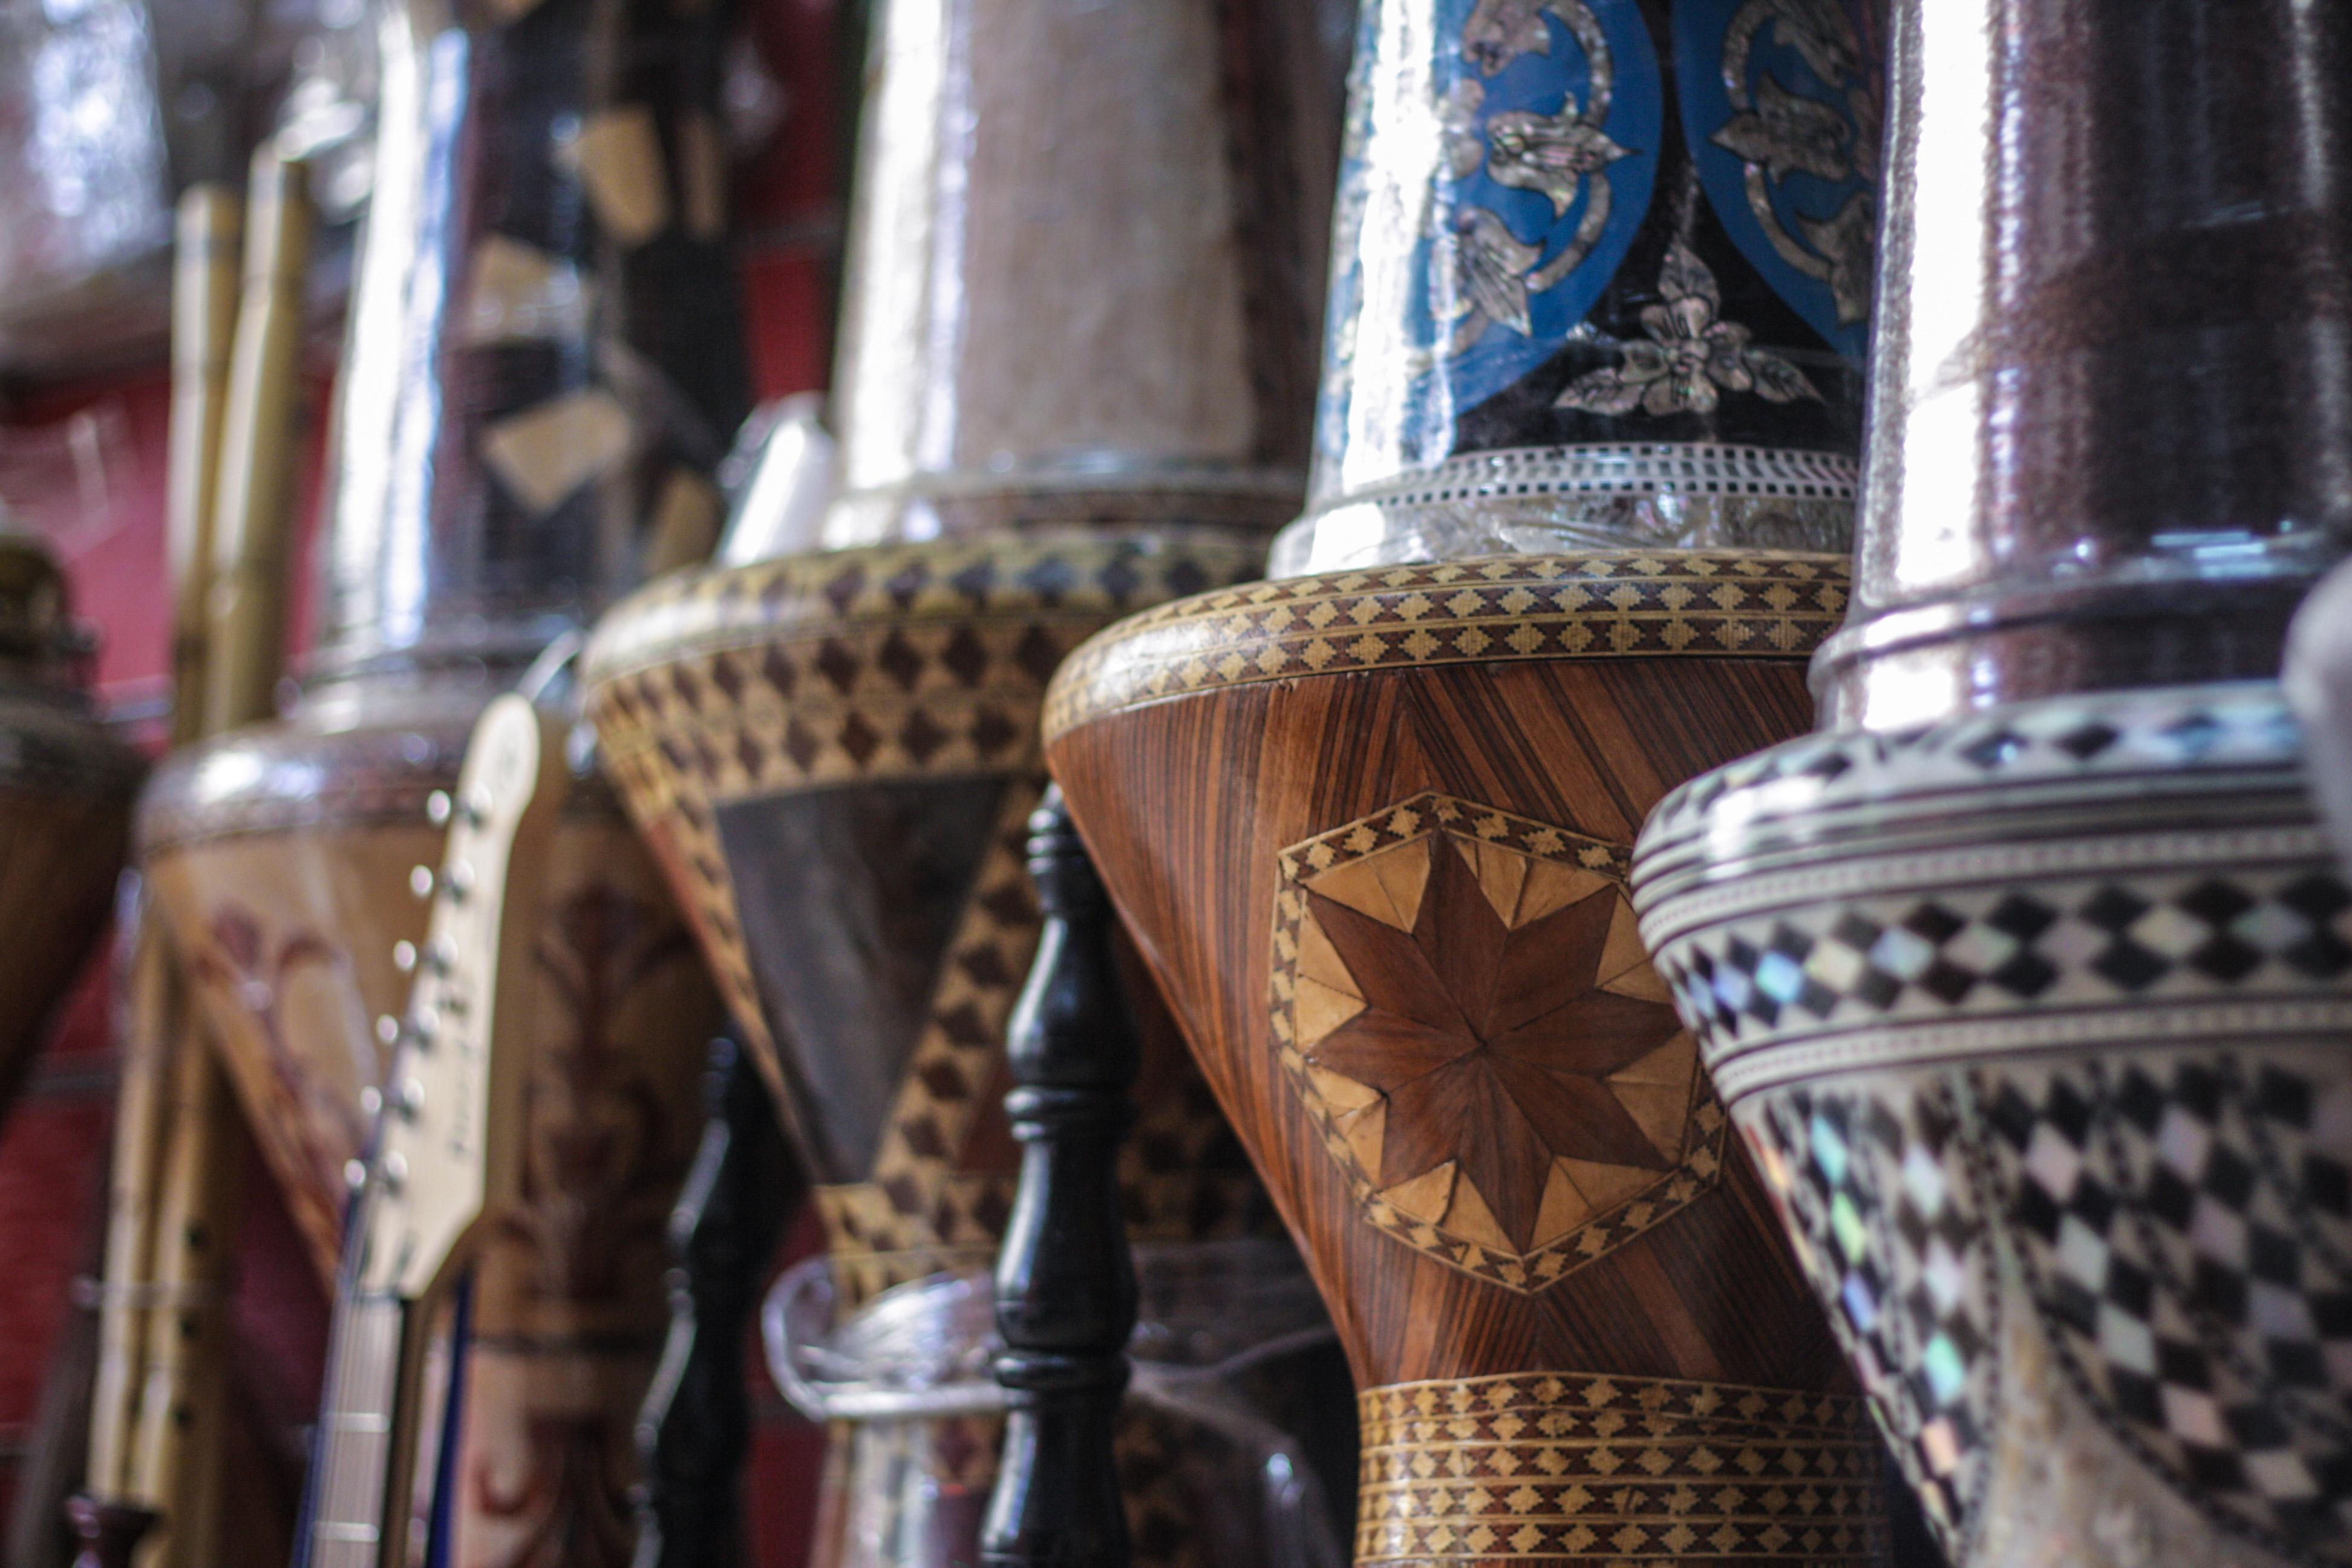 Cairo Egypt Street Foods In Musuem Of Islamic Art